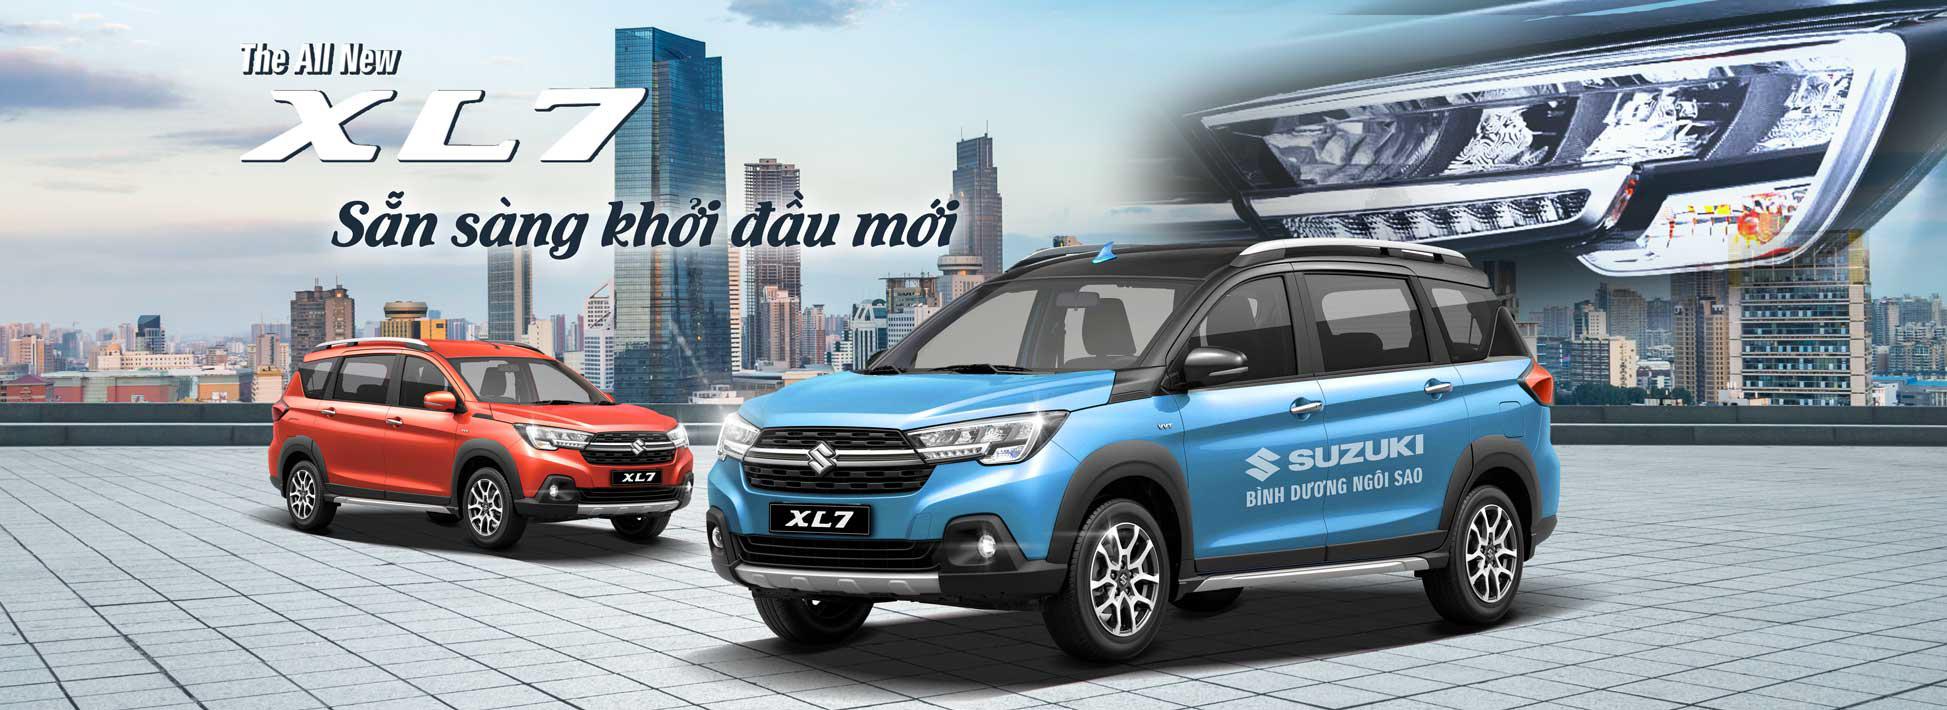 Suzuki XL7 Sẵn sàng khởi động ngày mới